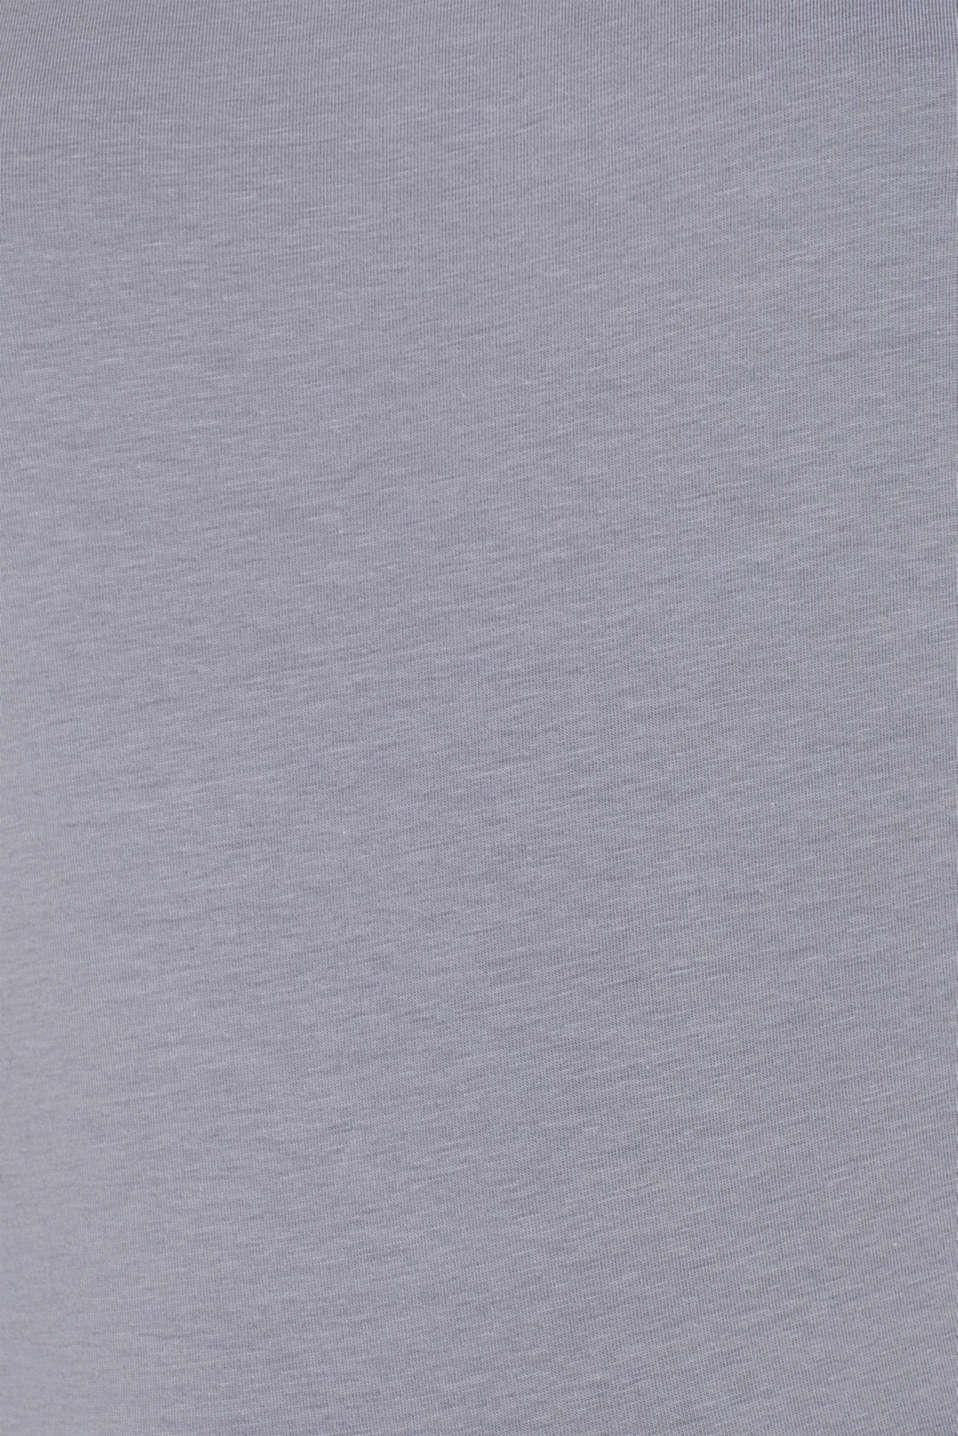 T-Shirts, GUNMETAL 4, detail image number 4